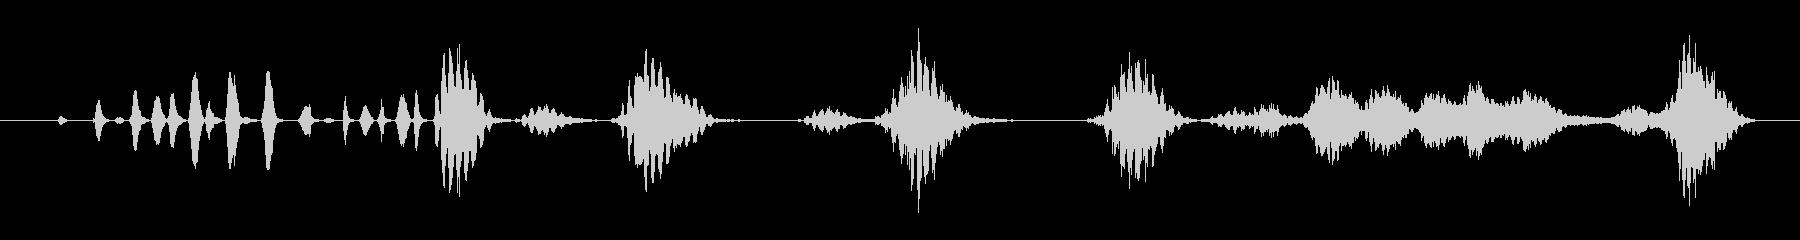 特撮 ガラガラ通知03の未再生の波形